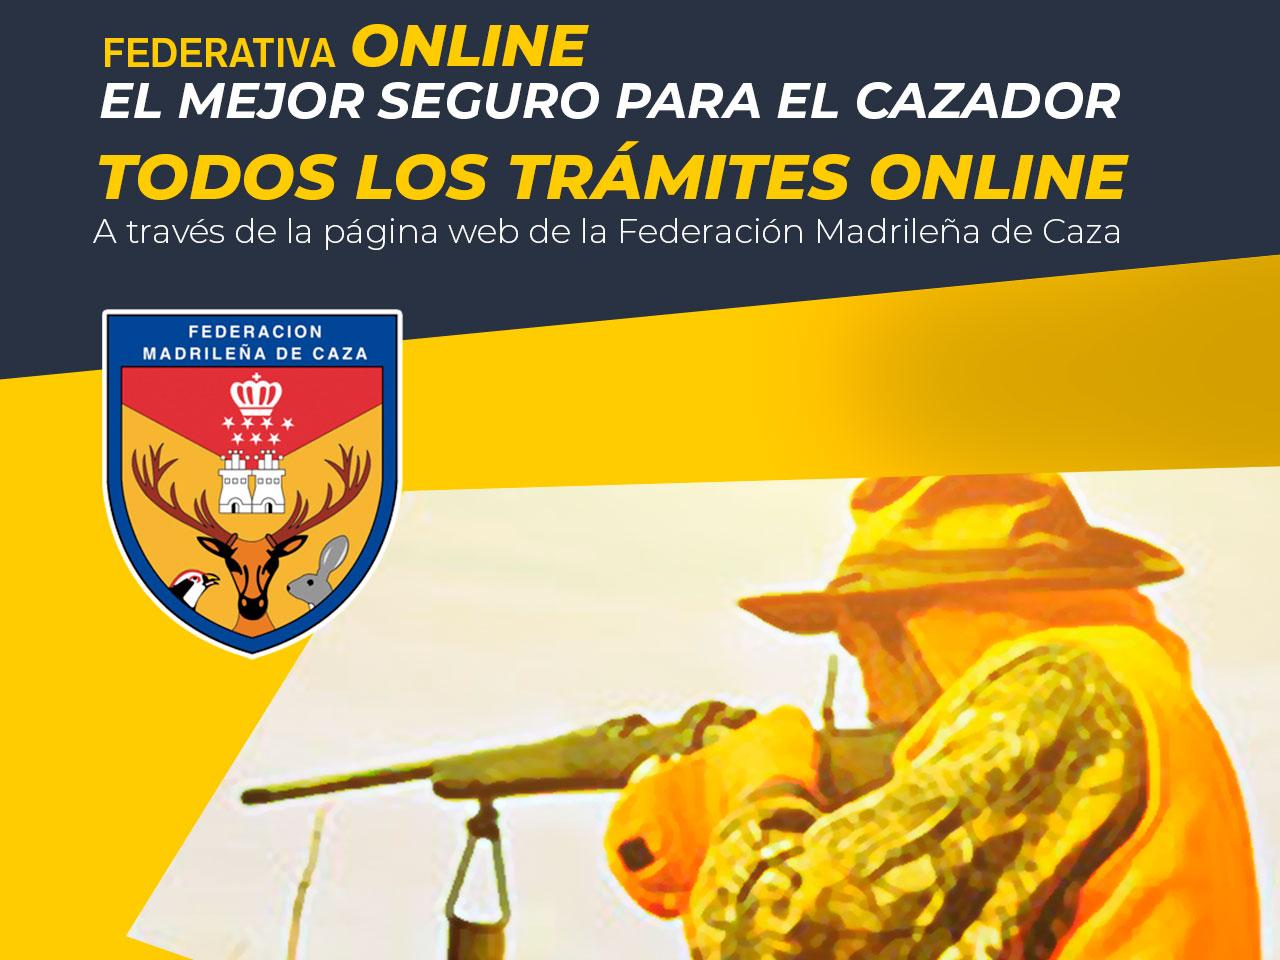 La Federación ya tiene su federativa online